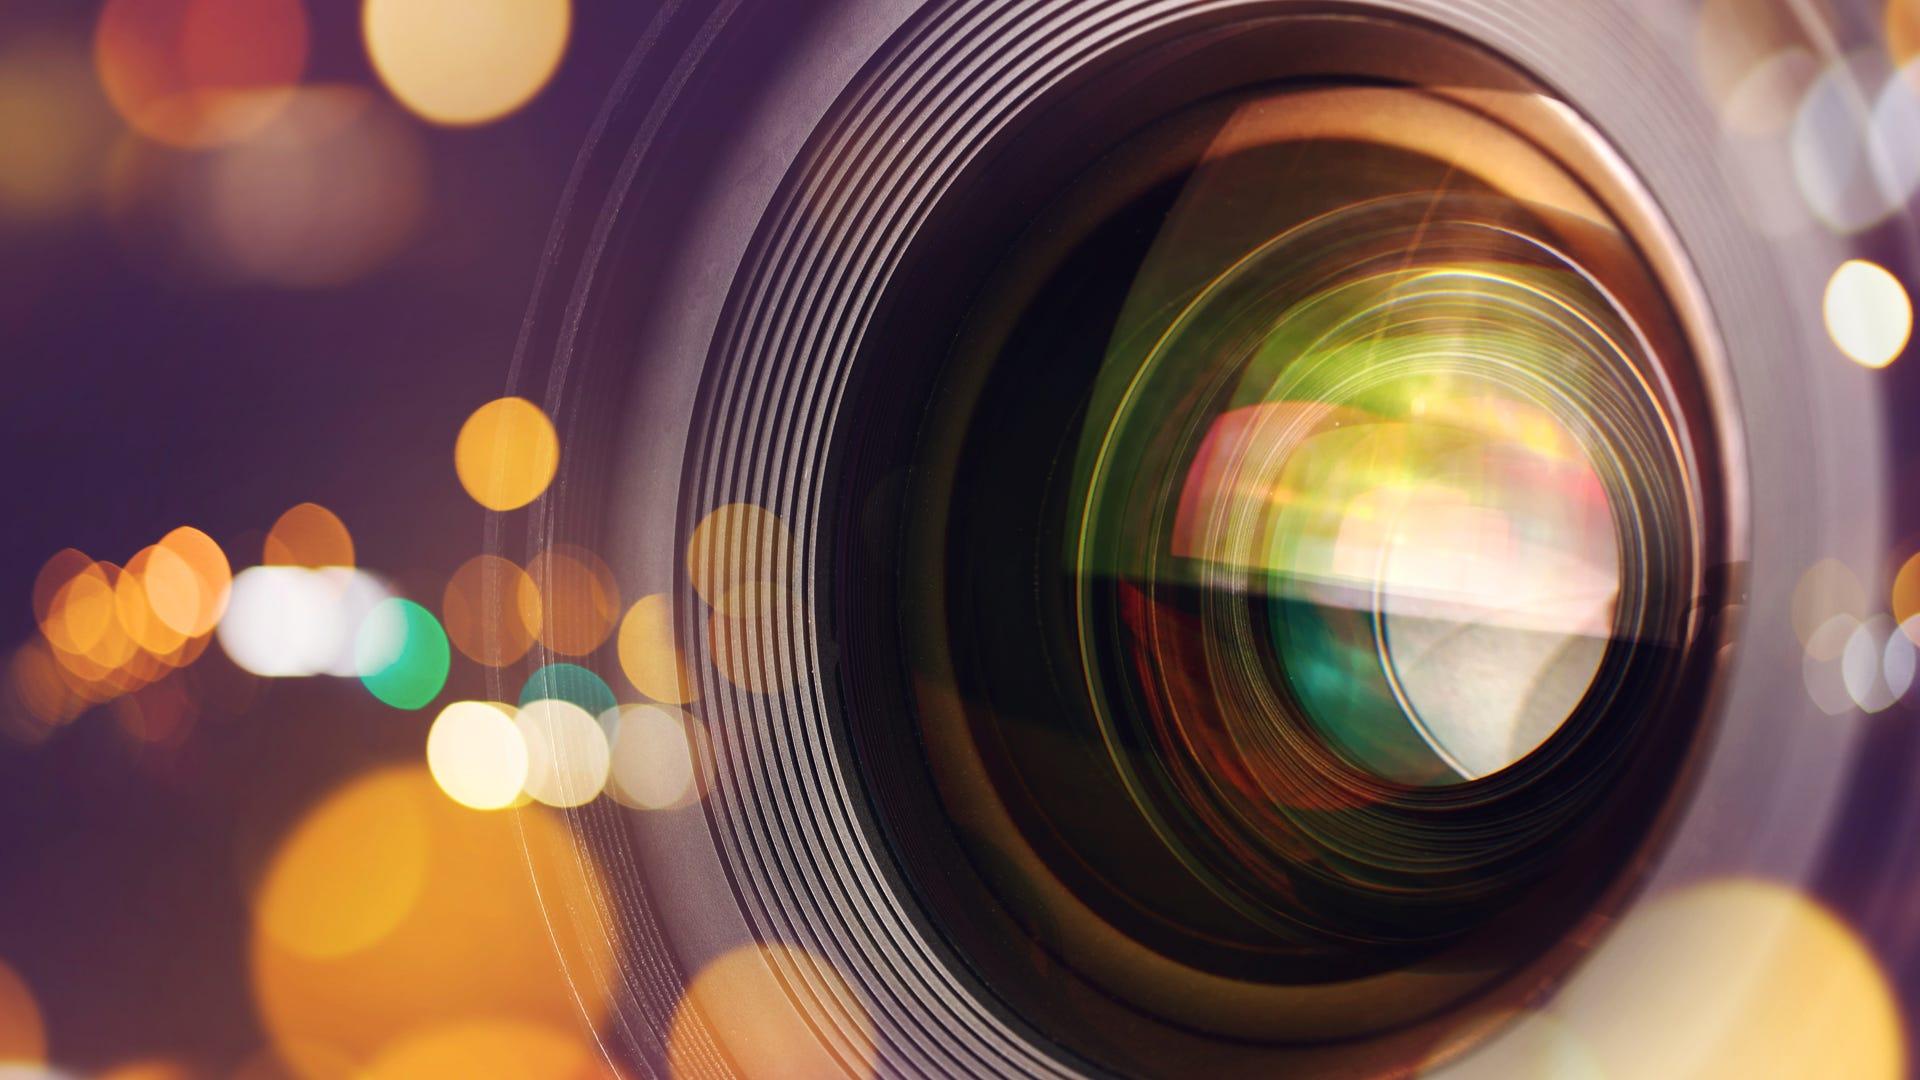 7 Best Camera Lenses For Bokeh Photography